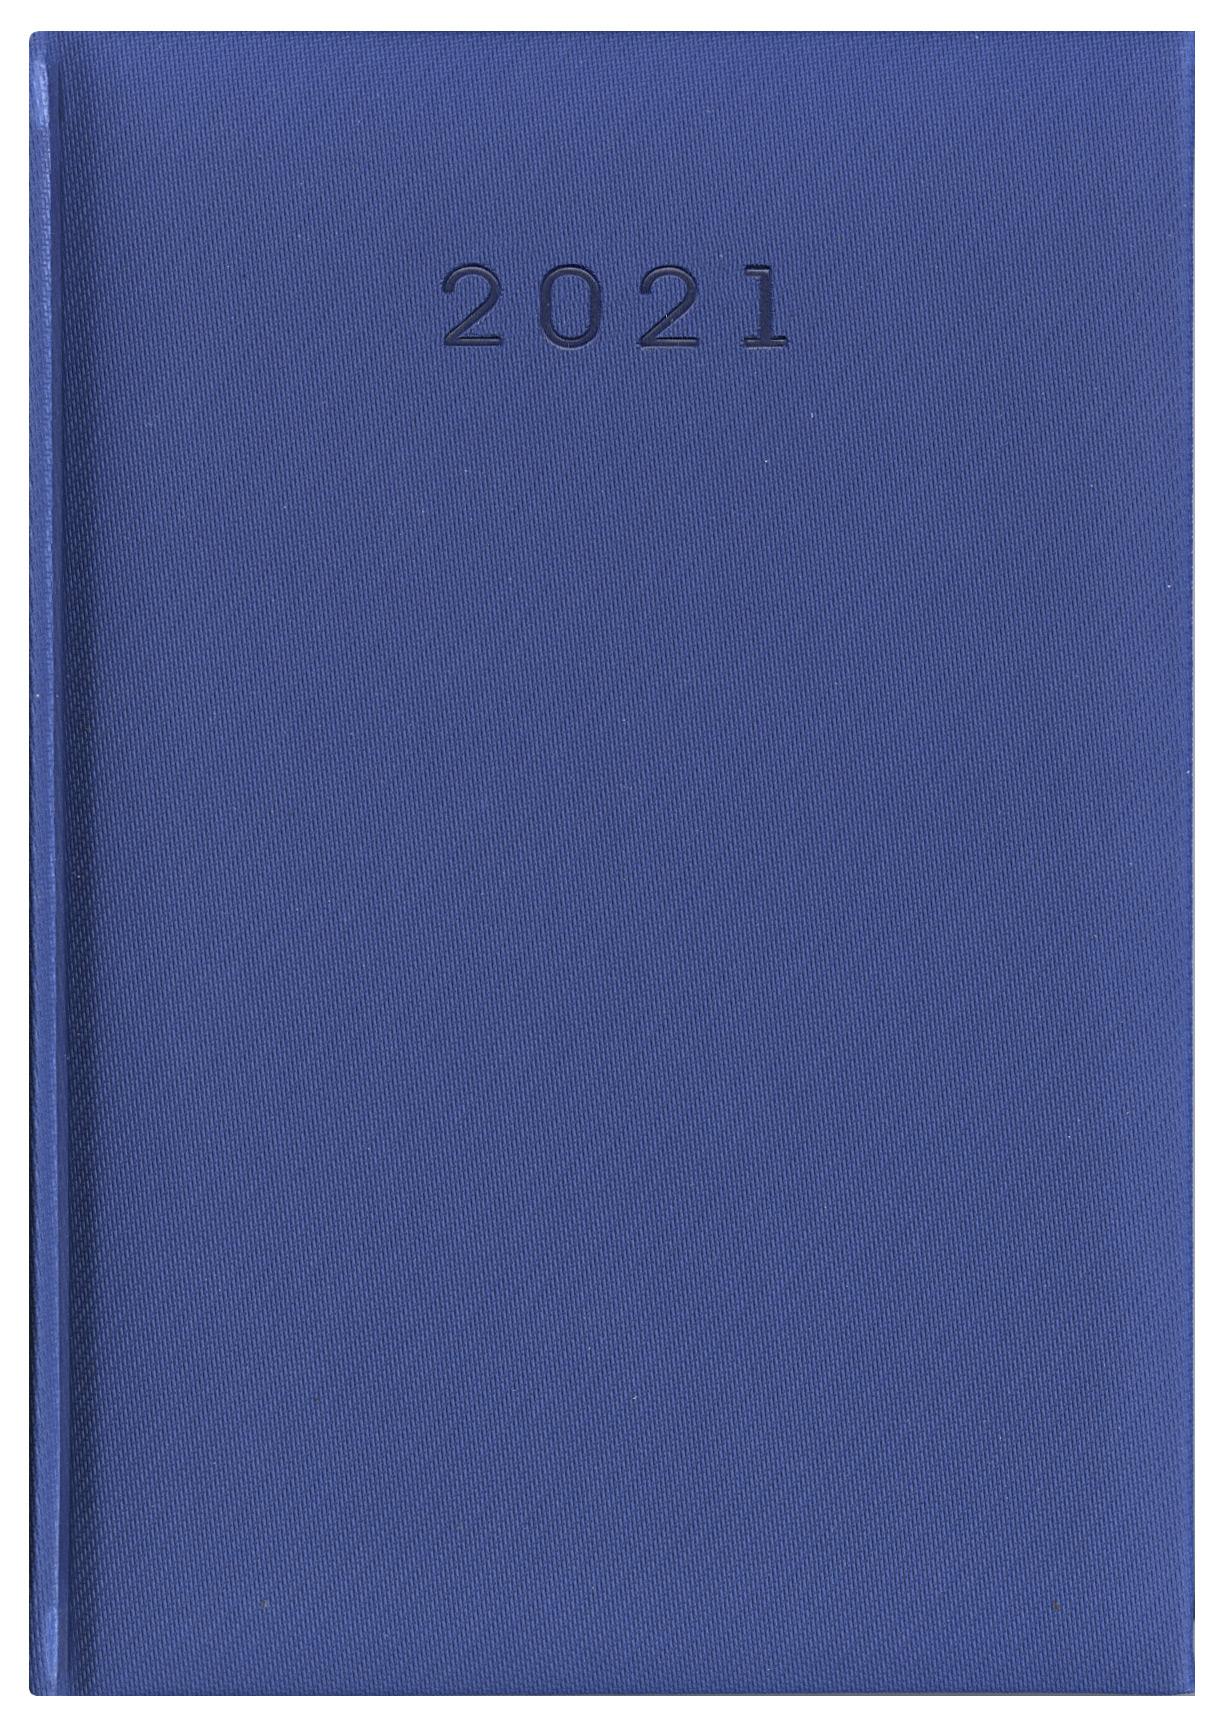 Kalendarz Sorento